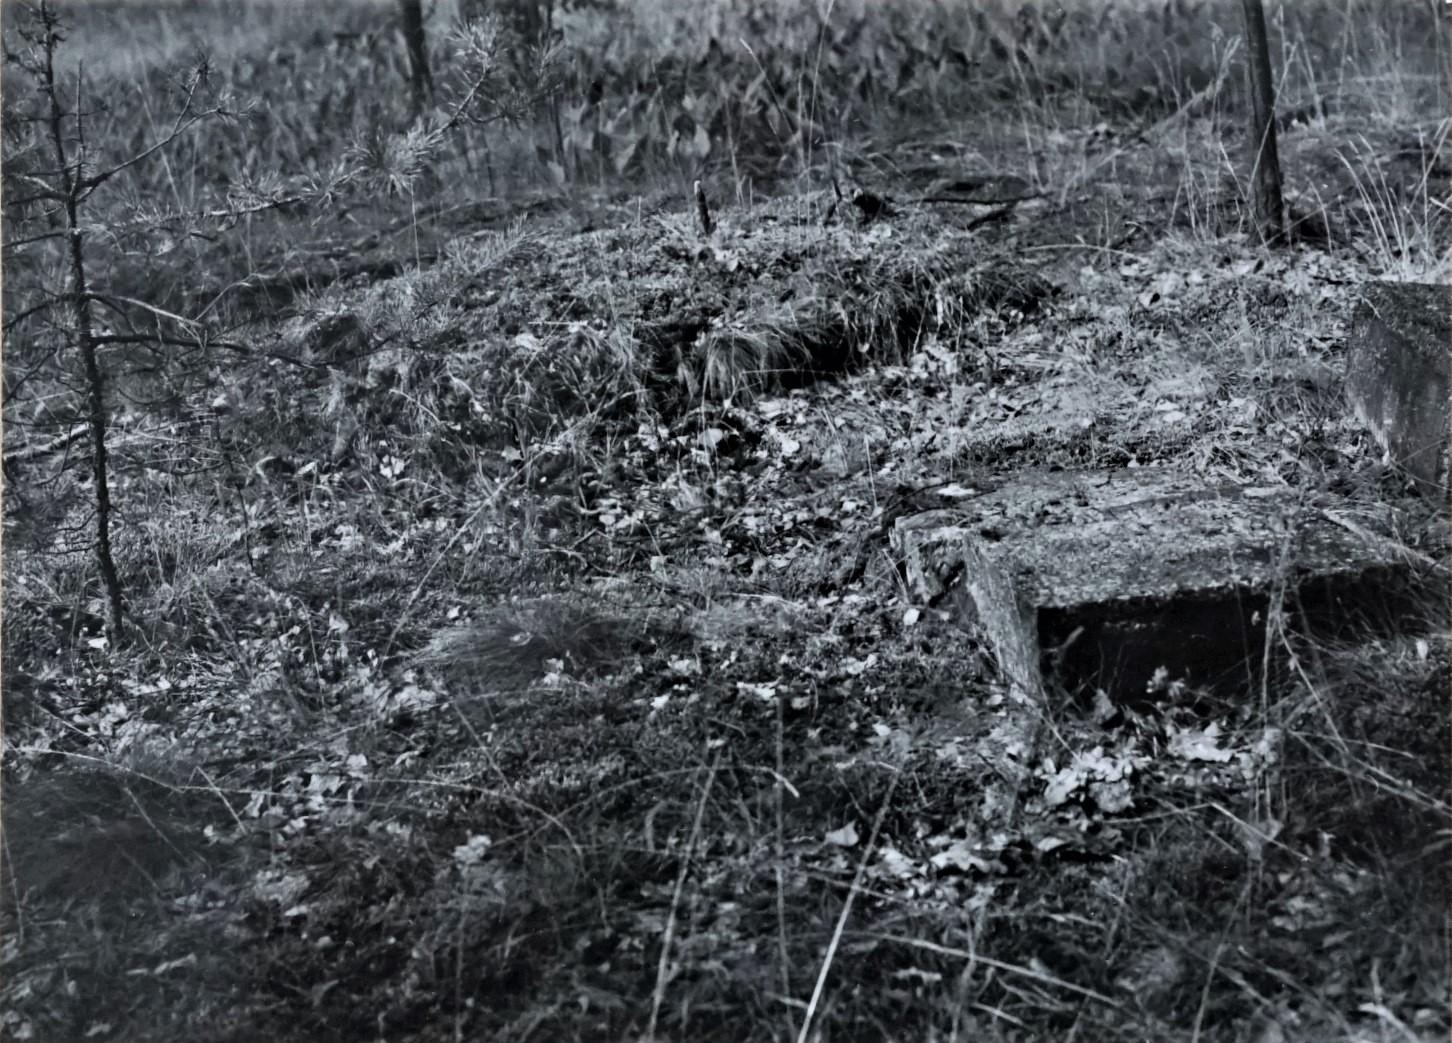 Zdjęcia z zasobów Wojewódzkiego Urzędu Ochrony Zabytków